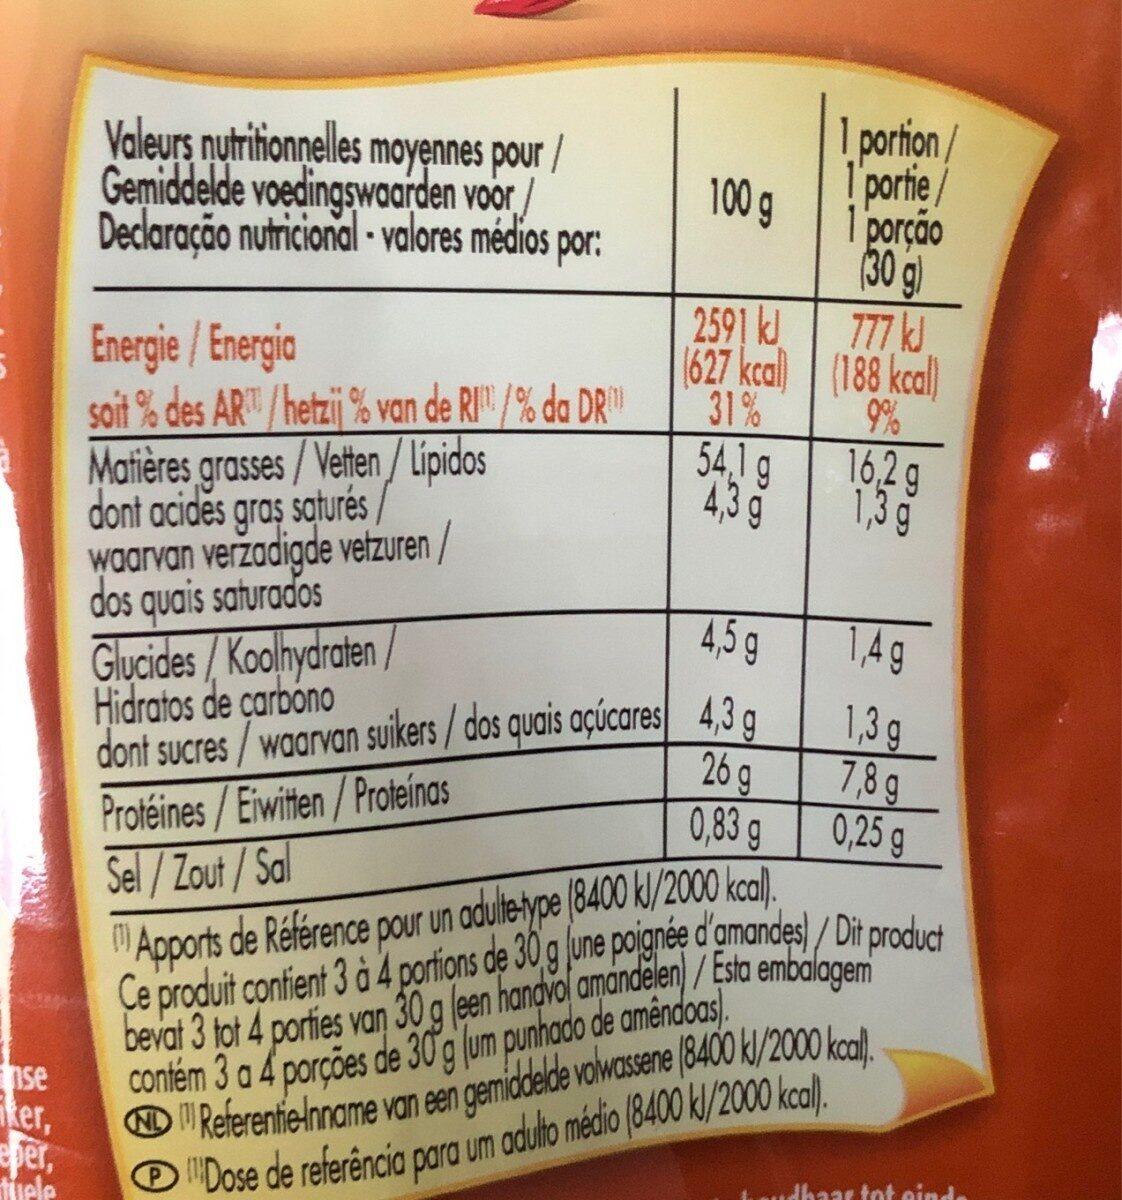 Amandes grillées goût chili le sachet de 100 g - حقائق غذائية - fr